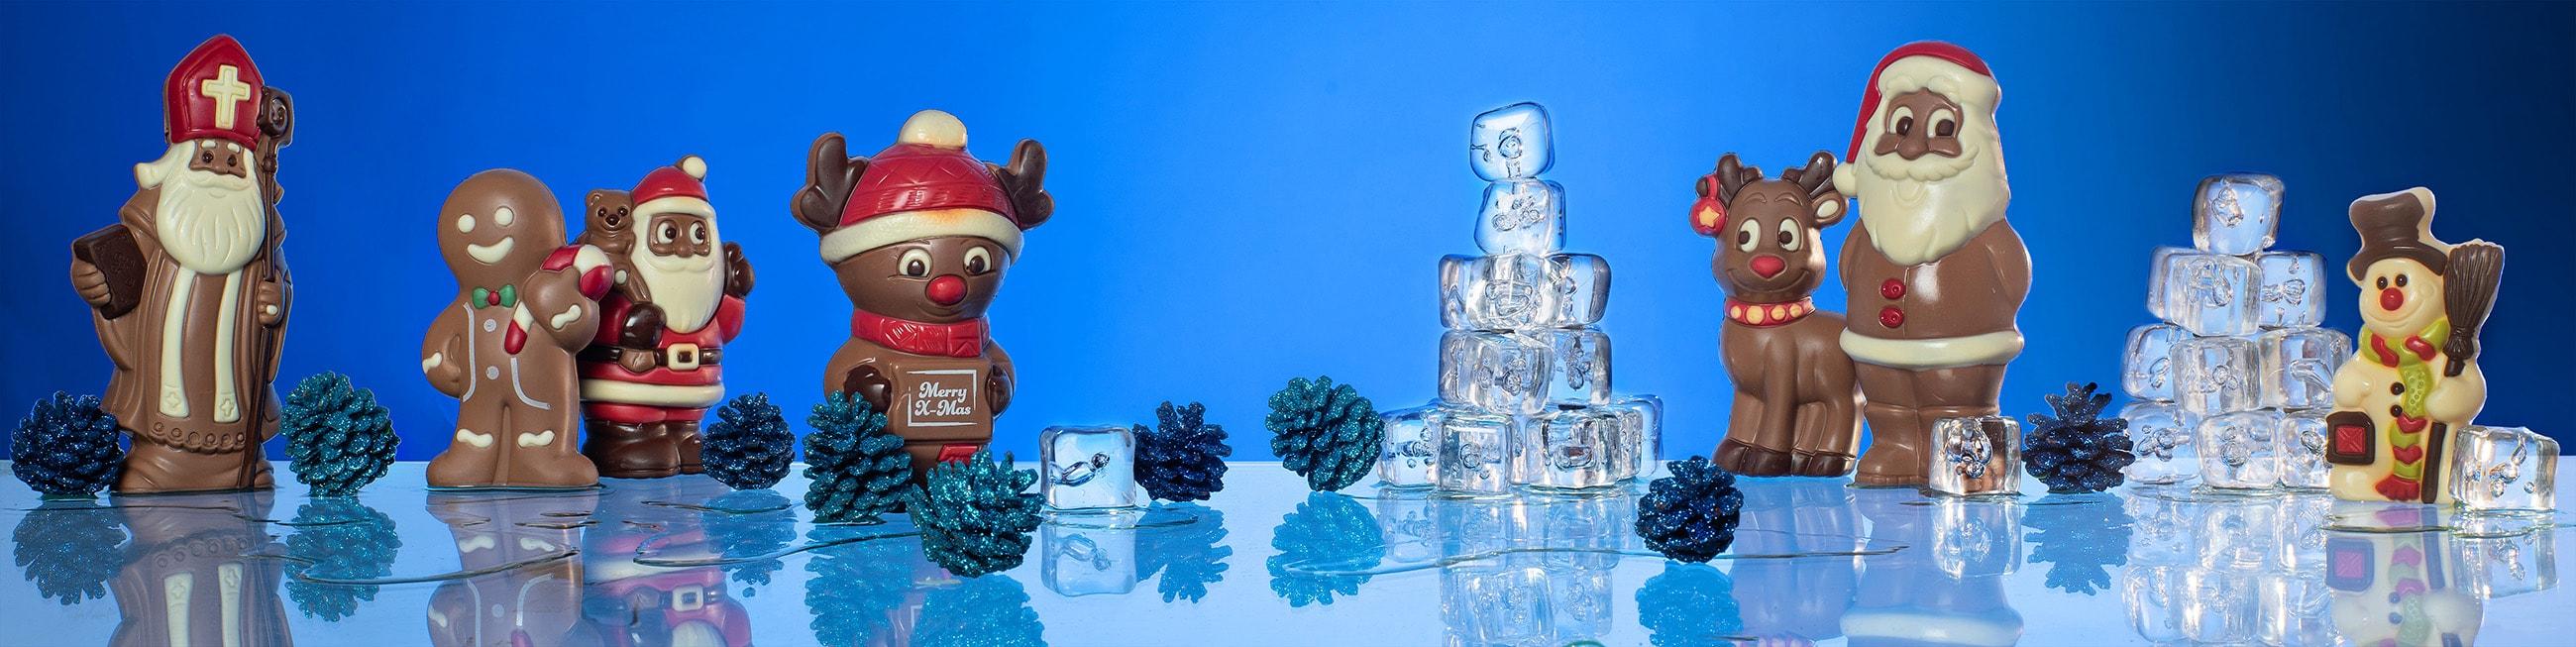 chocri Weihnachts-Werkstatt